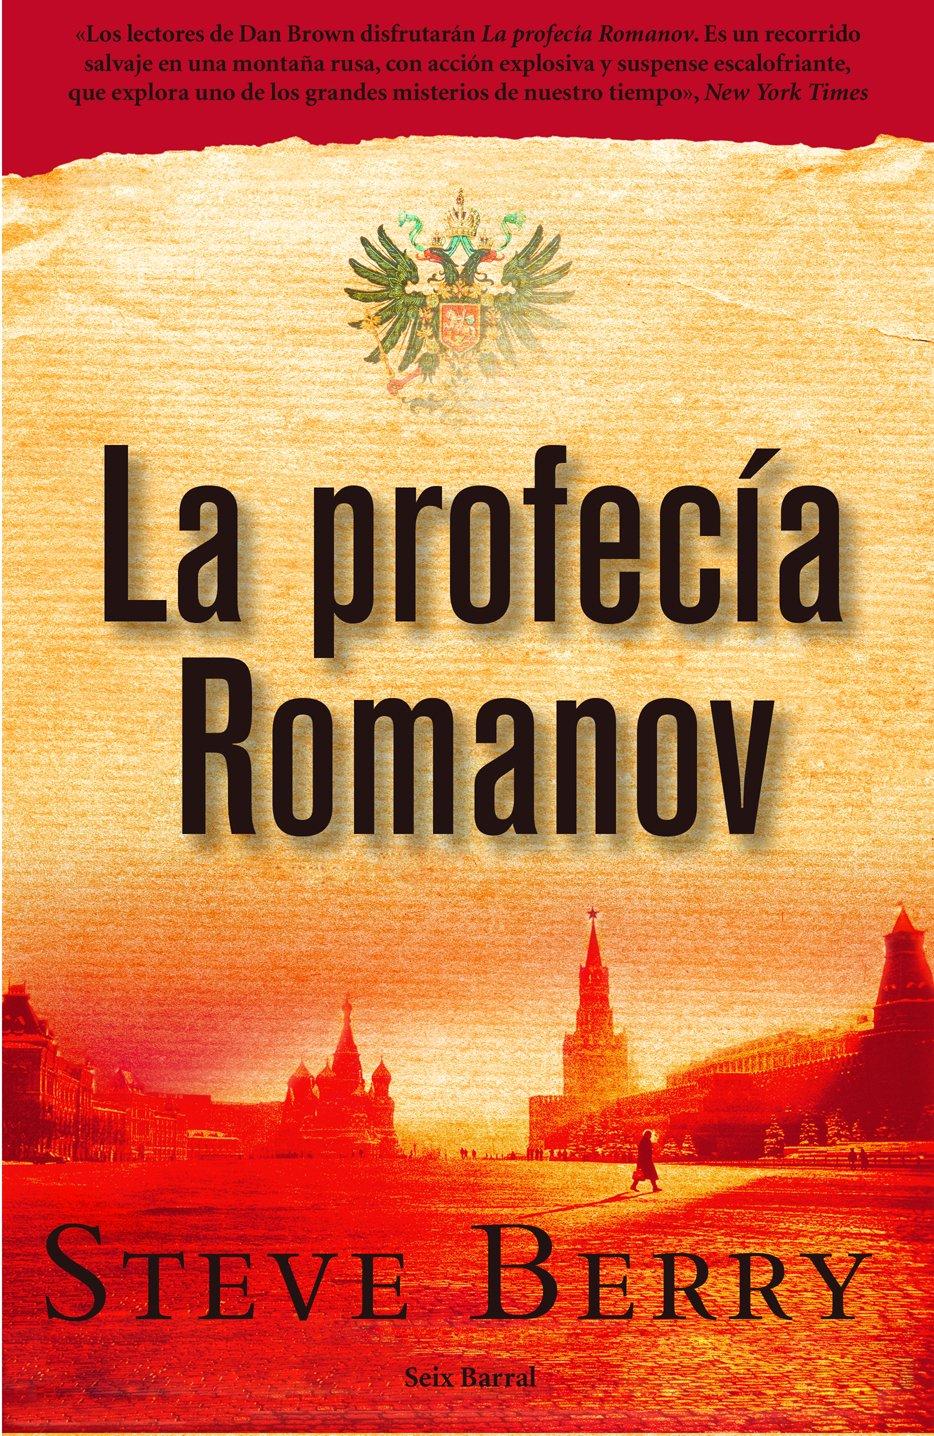 la profecia romanov